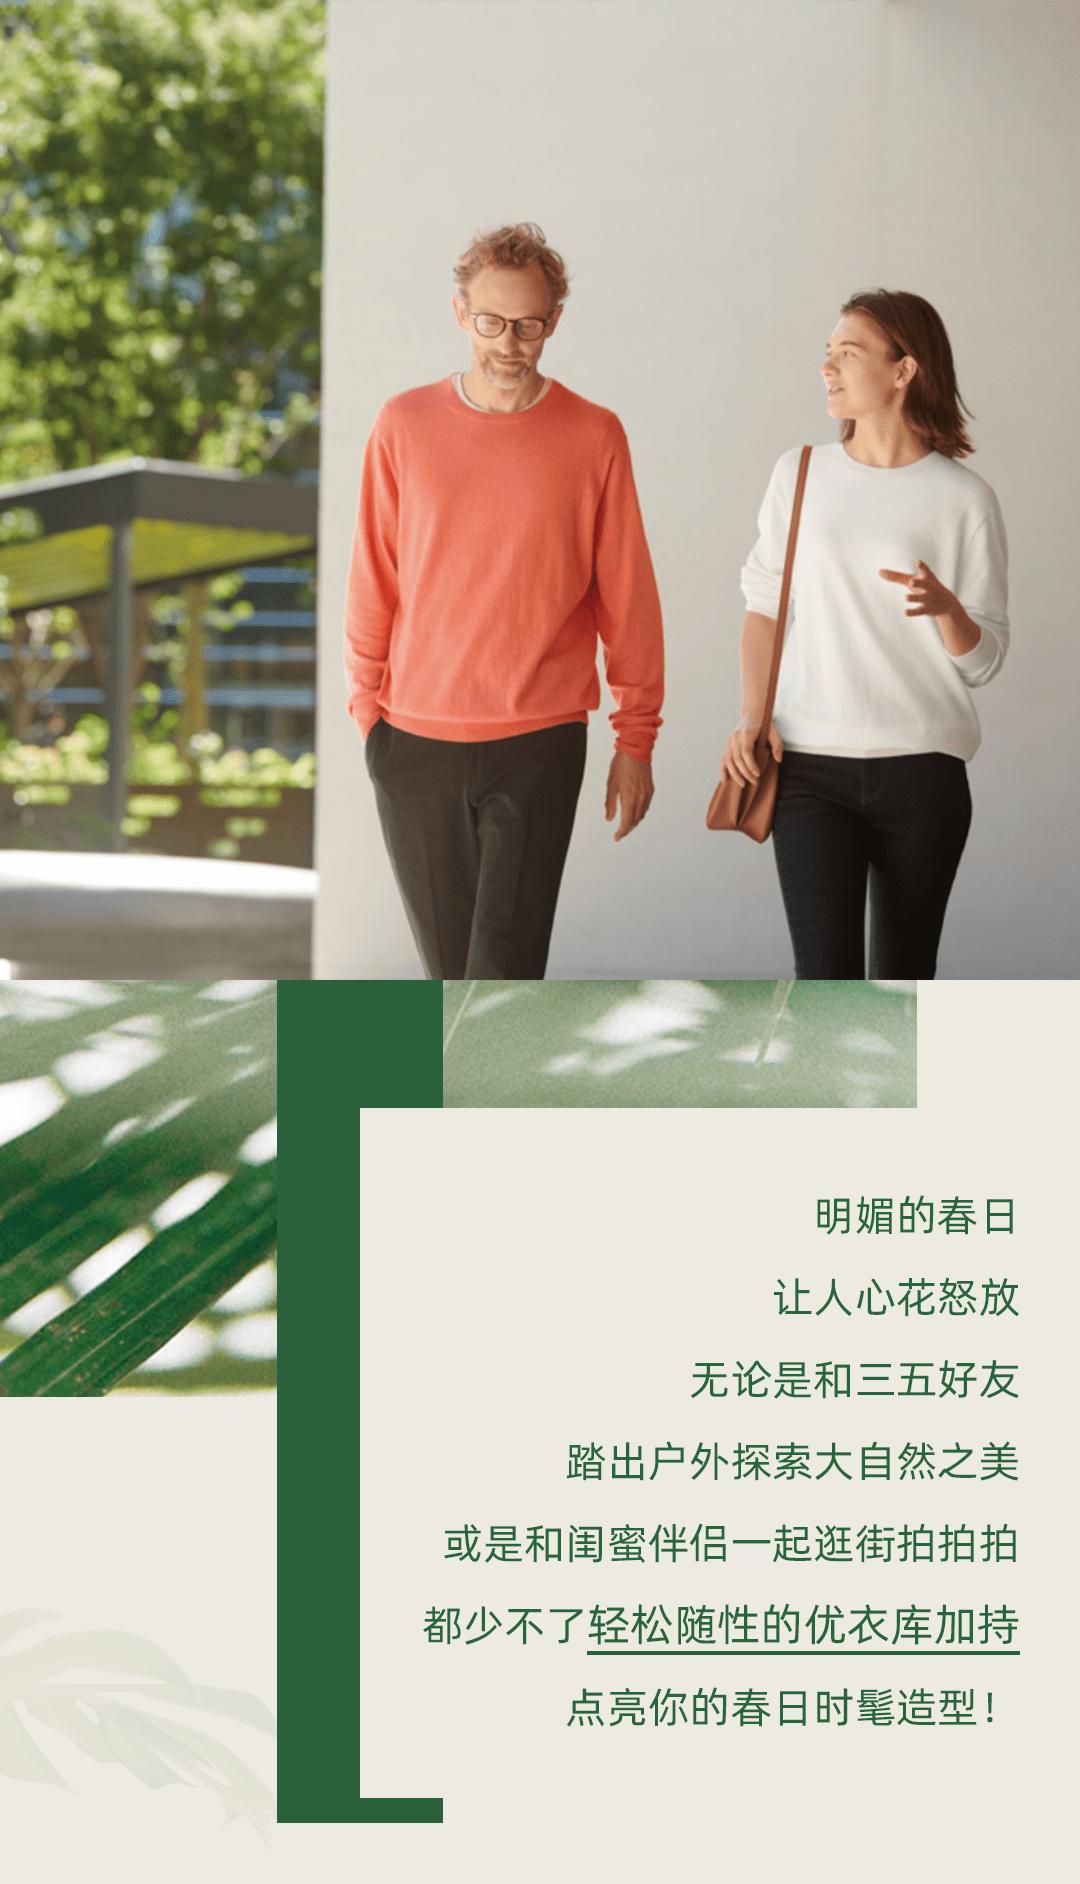 优衣库2021早春新品,温柔到一眼沦陷!